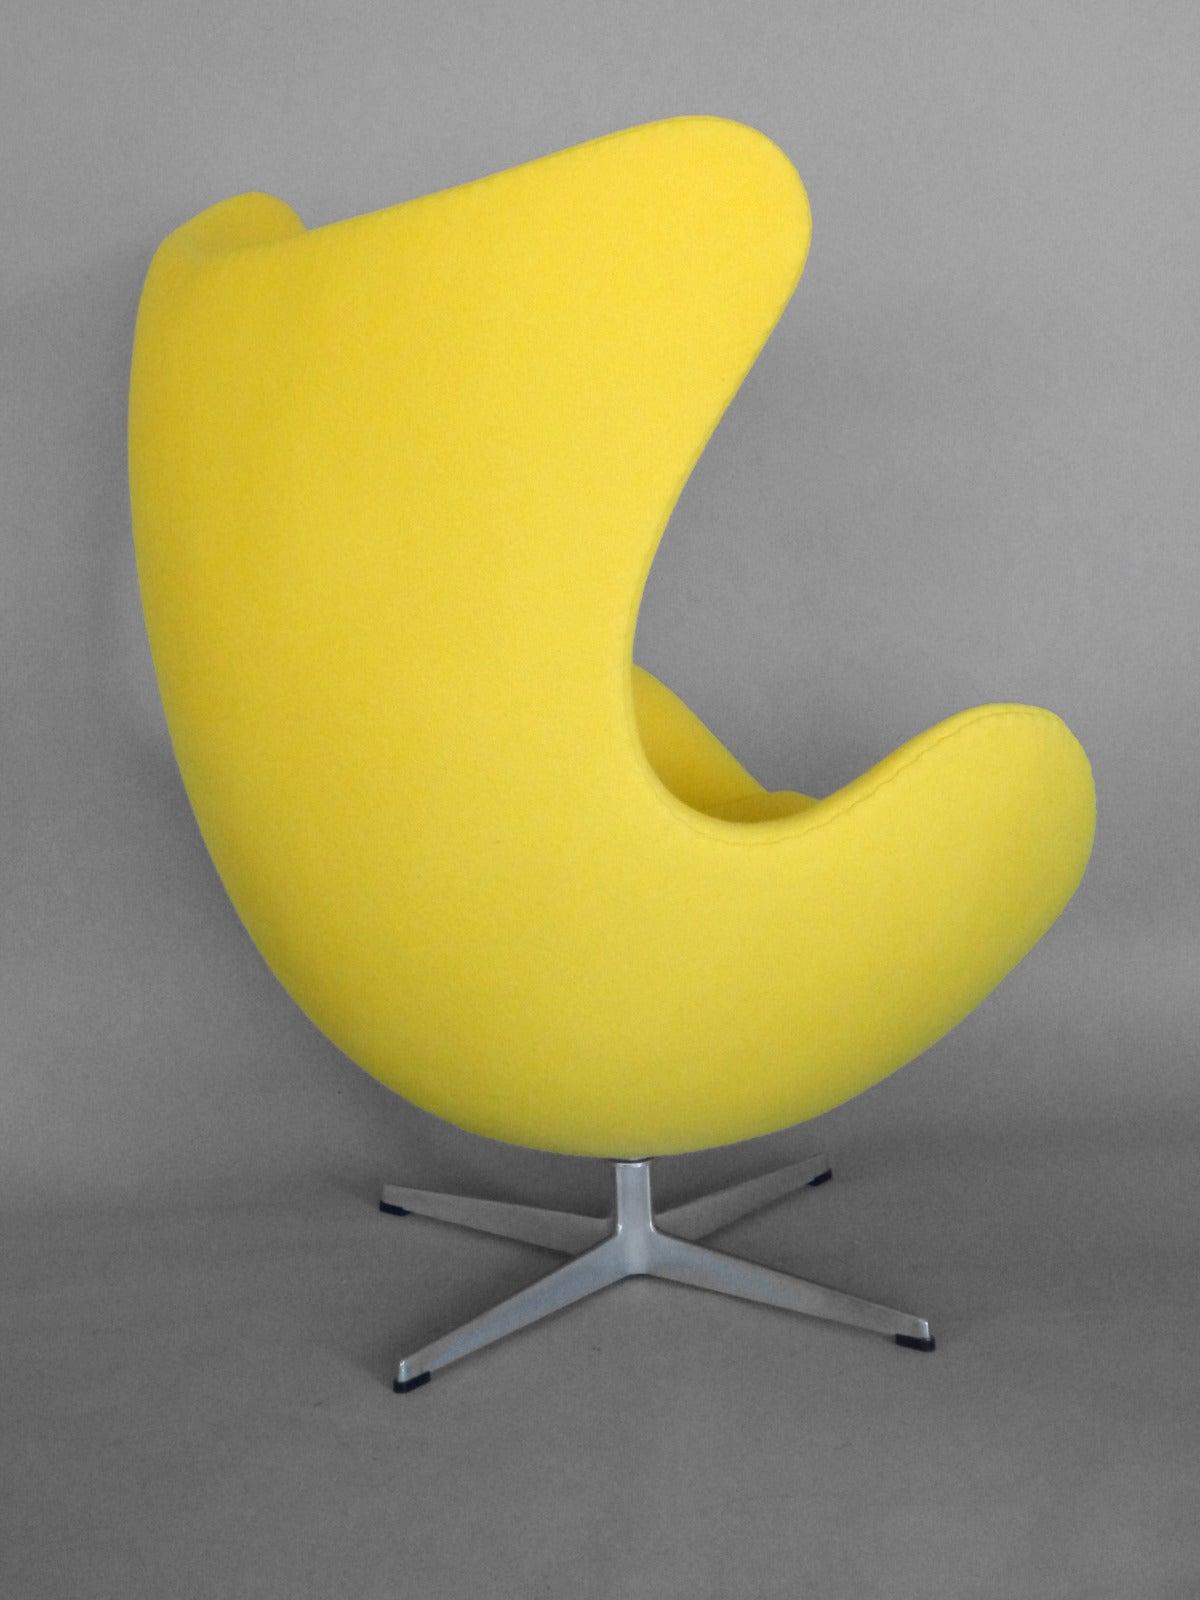 Danish Properly Restored Arne Jacobsen Egg Chair For Sale